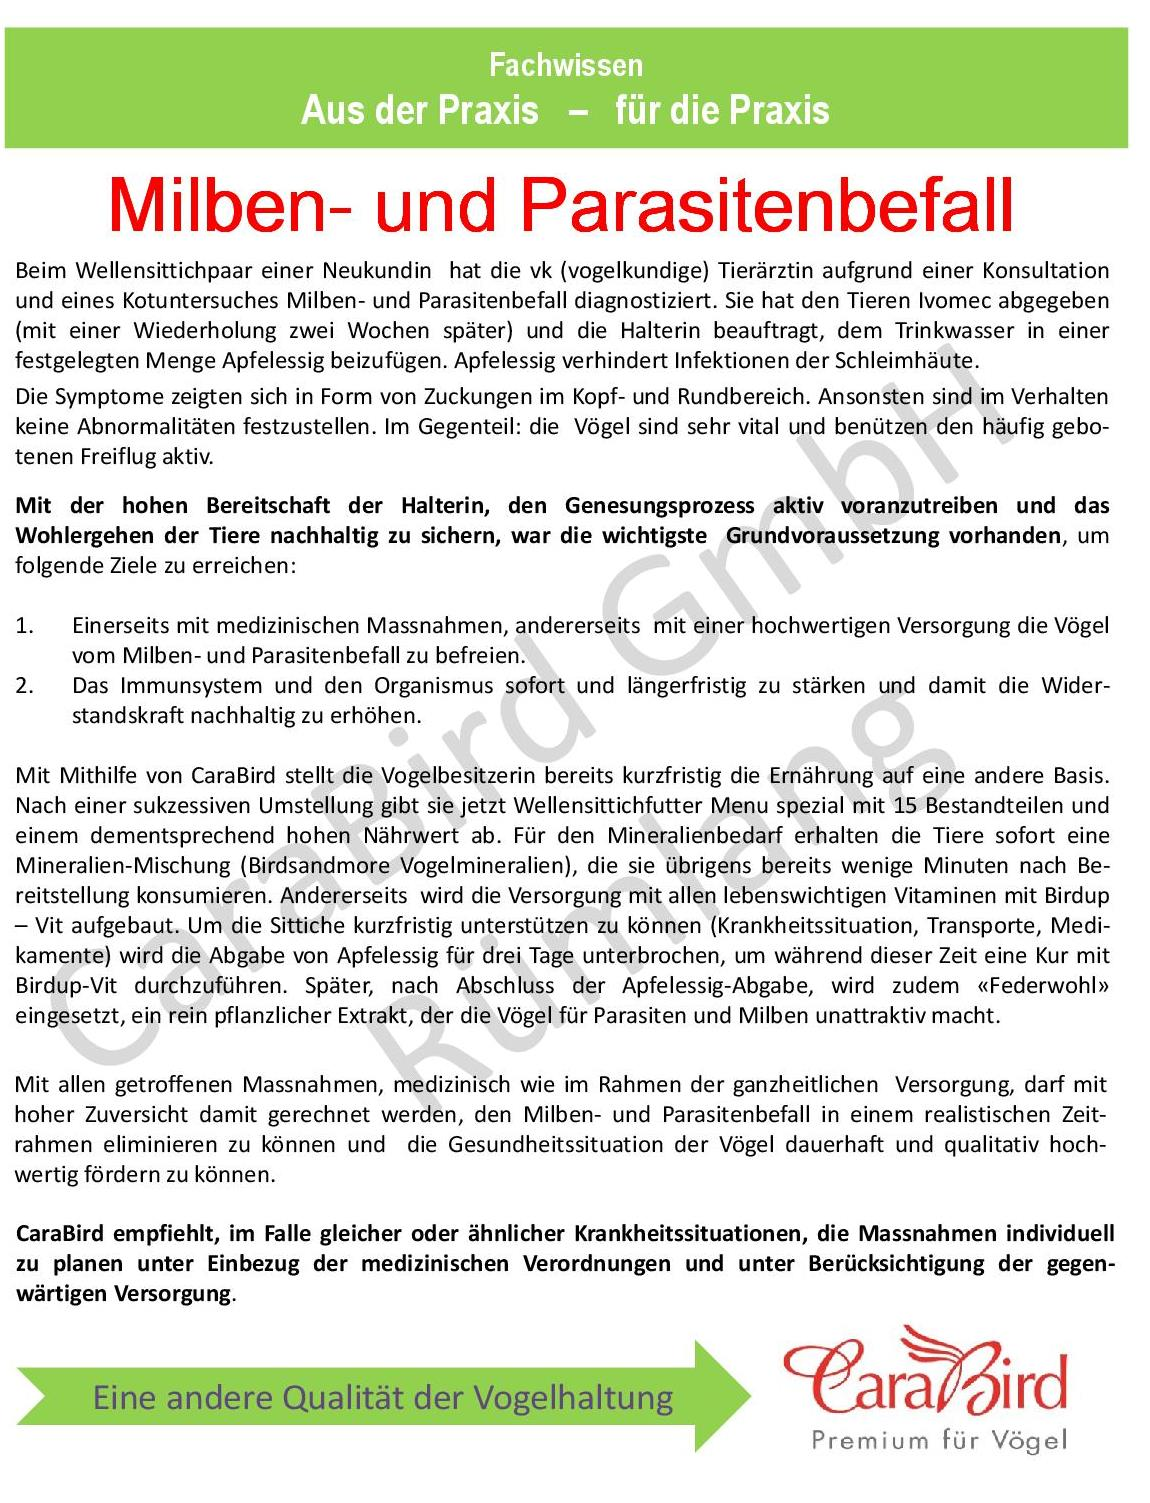 Milben- und Parasitenbefall